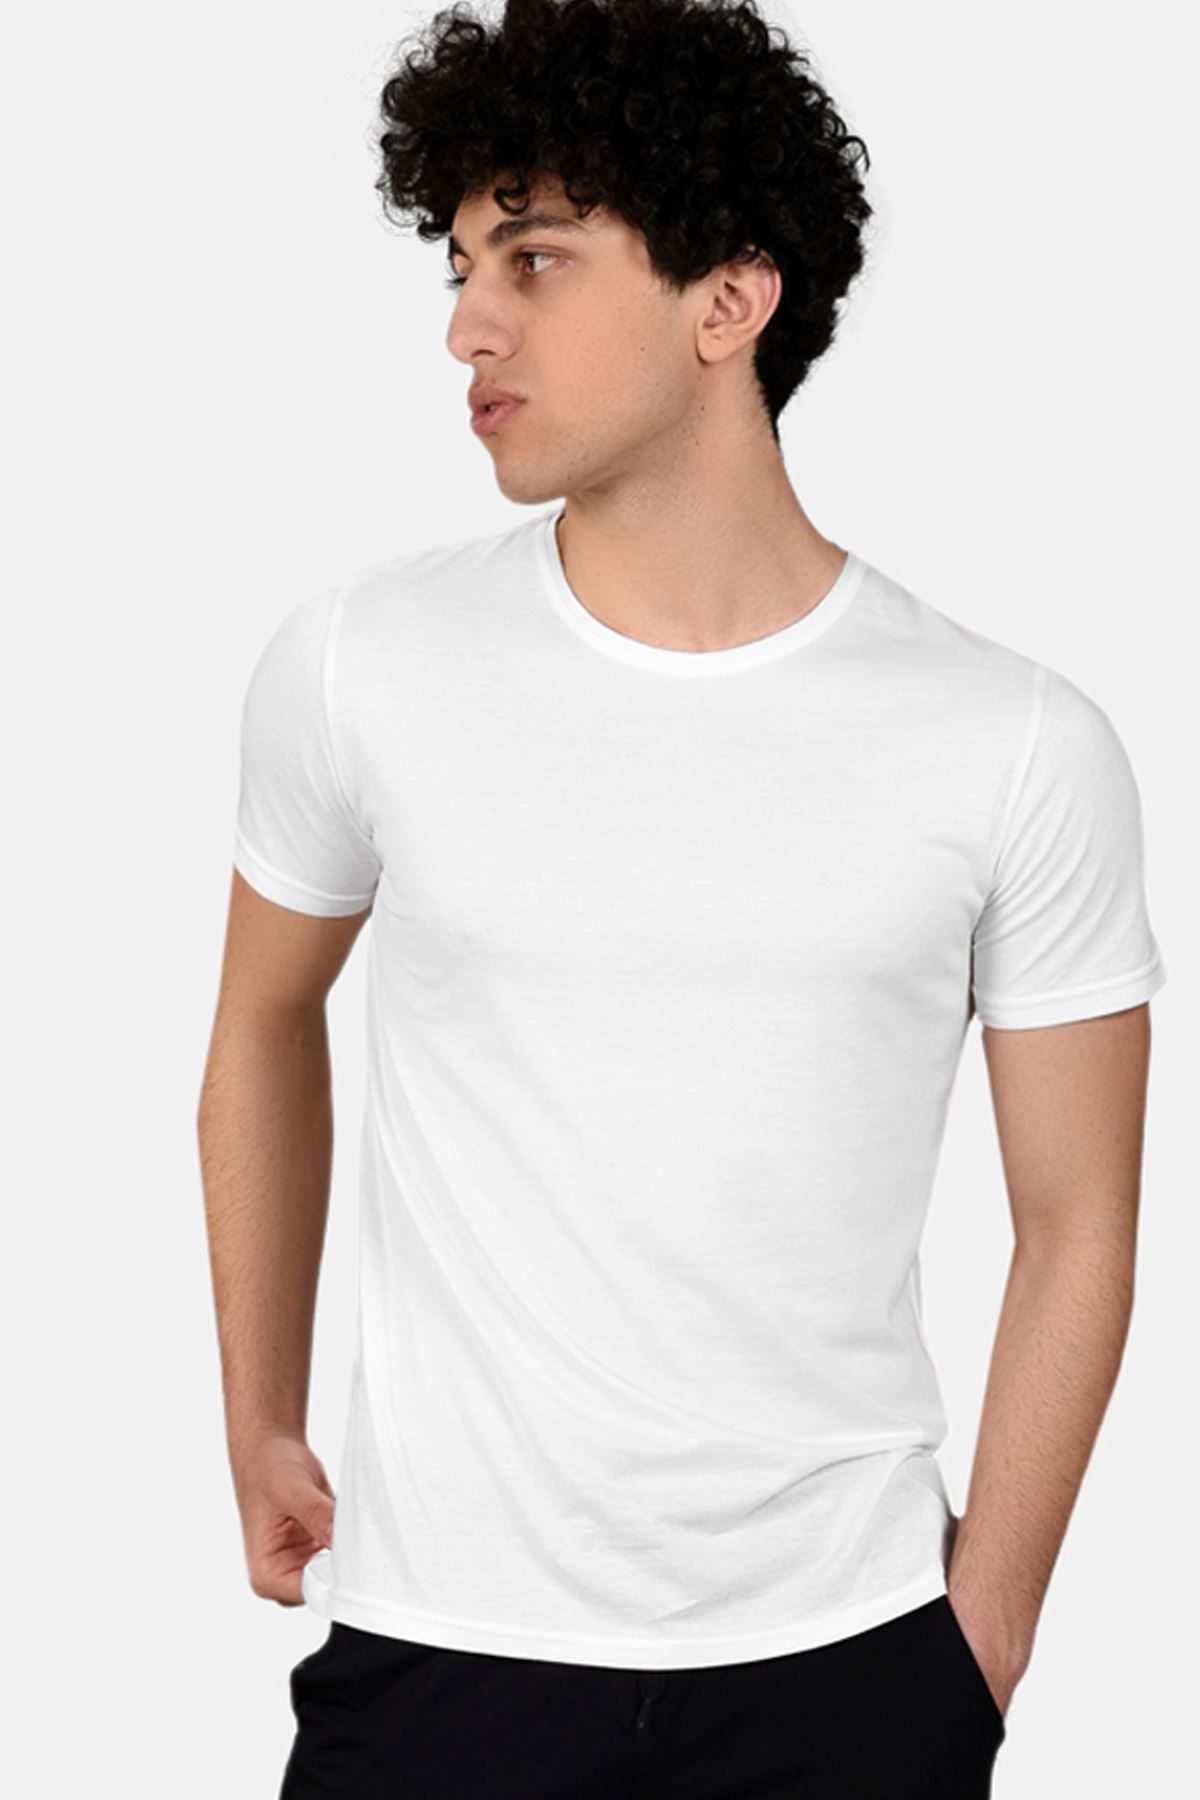 Malabadi Erkek Siyah Alt Beyaz Üst Yuvarlak Yaka Yazlık Pijama Takımı M564